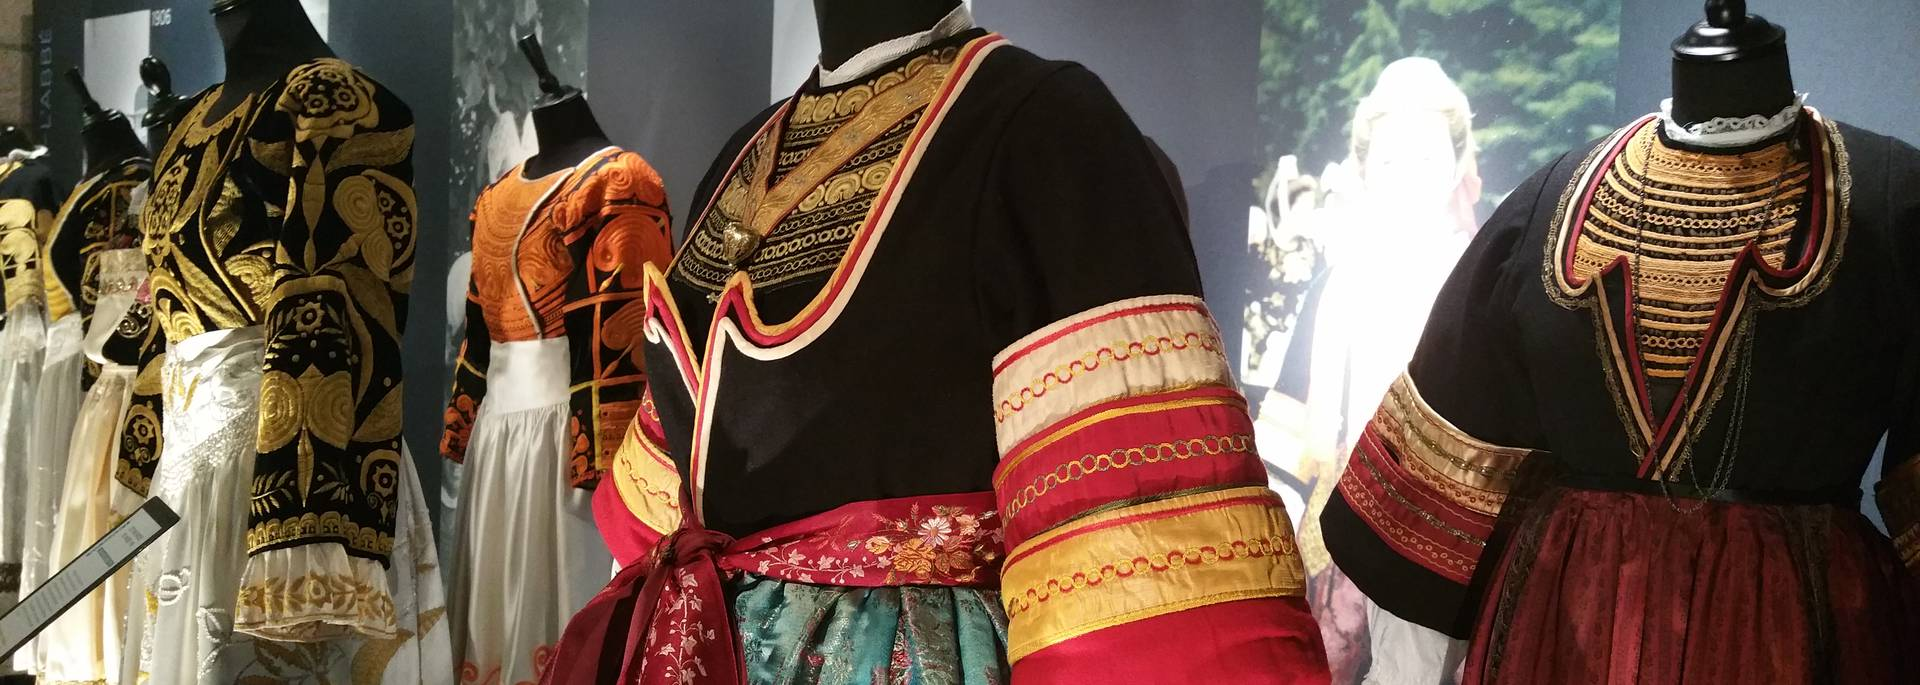 Bigouden Costume - Musee Bigouden de Pont-l'Abbé © E Cleret